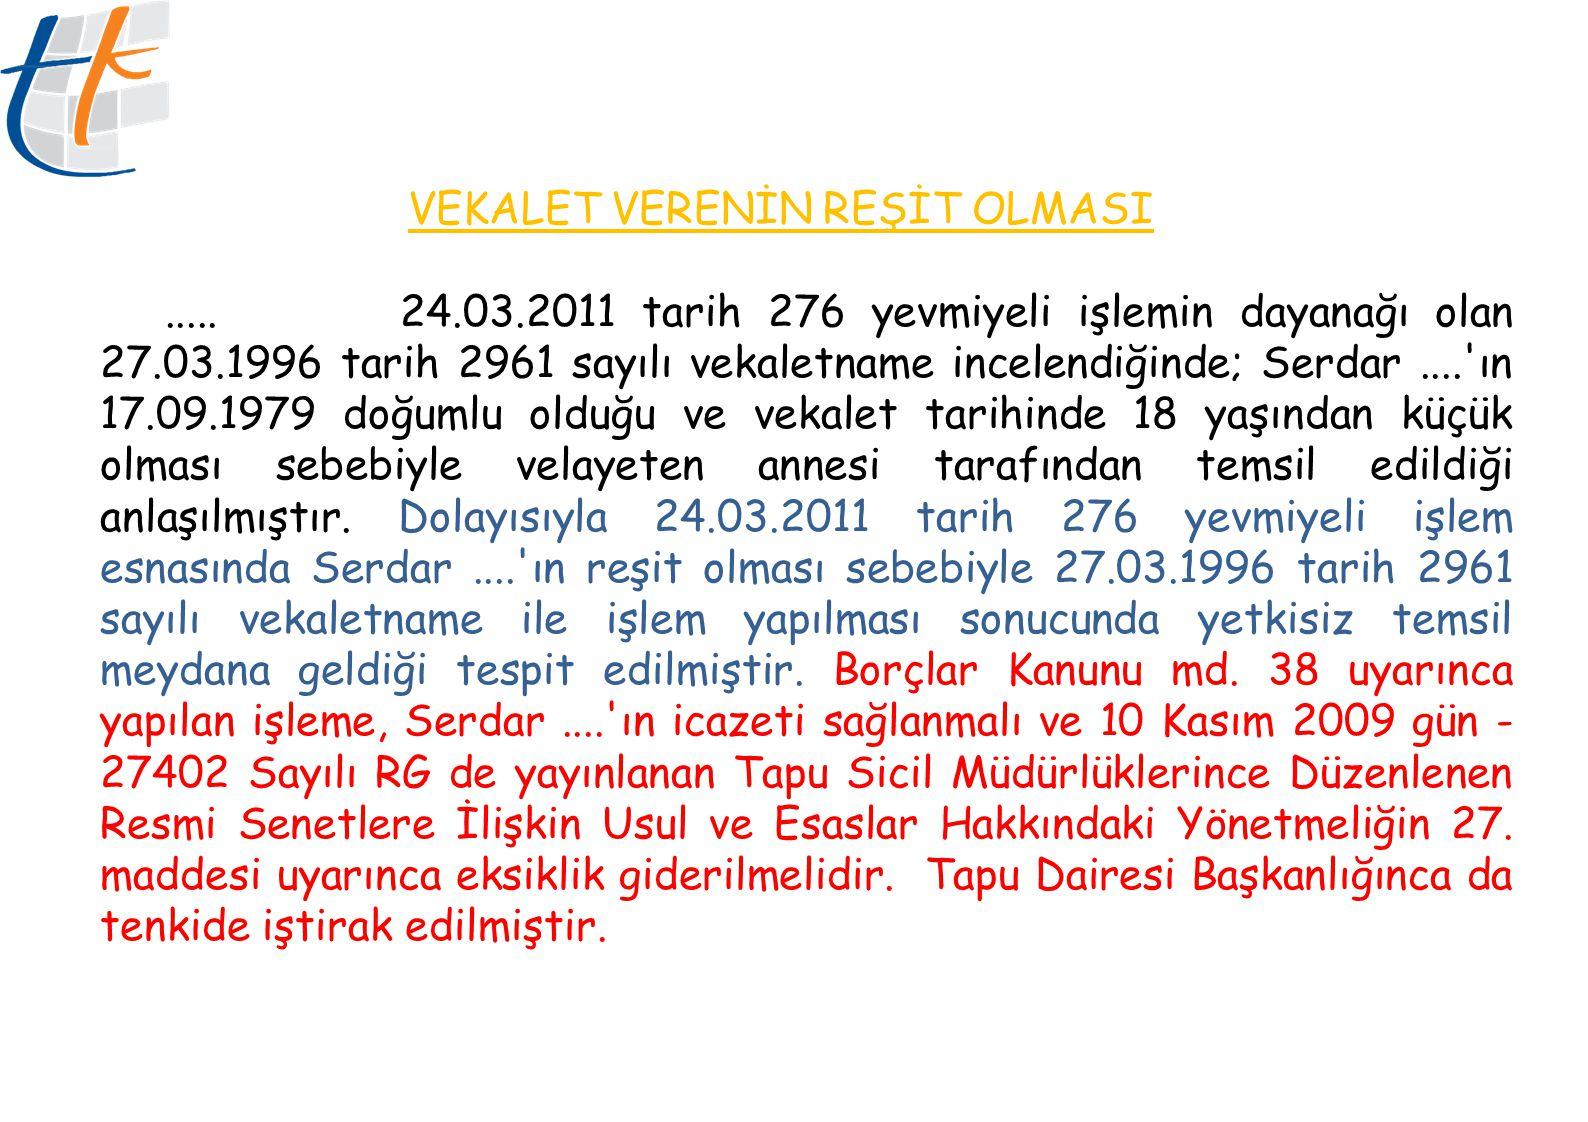 VEKALET VERENİN REŞİT OLMASI..... 24.03.2011 tarih 276 yevmiyeli işlemin dayanağı olan 27.03.1996 tarih 2961 sayılı vekaletname incelendiğinde; Serdar